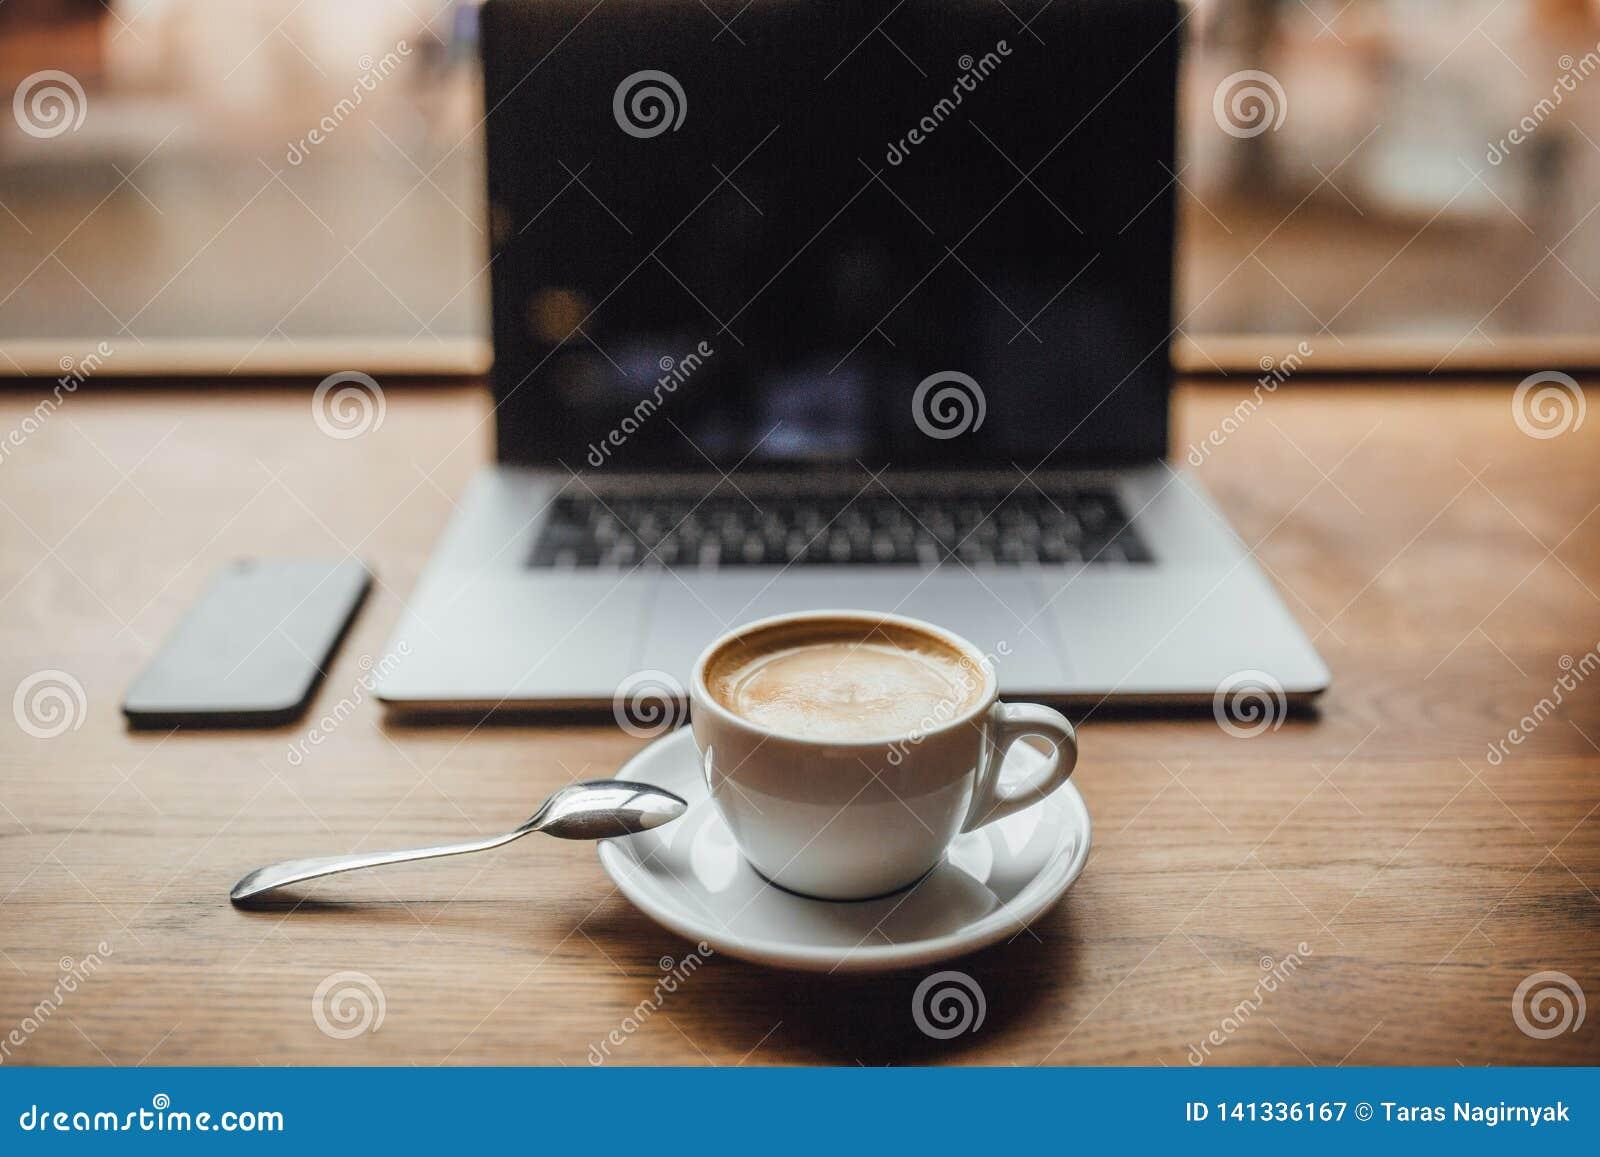 Geschäftsmann im caffe mit cofee Laptop und Schale coffe